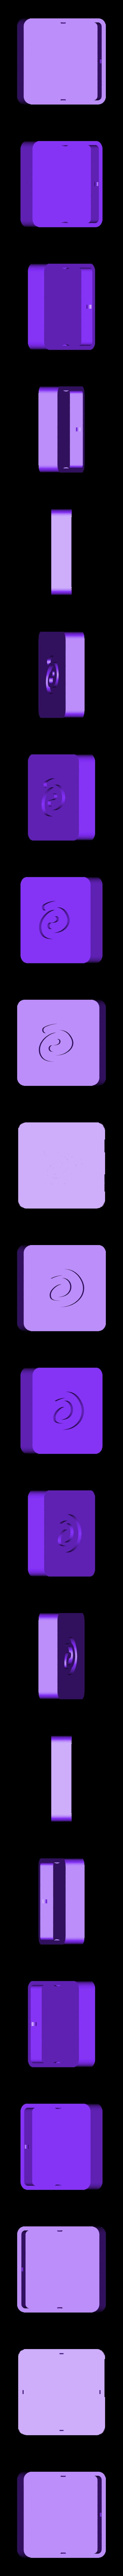 cover_circle.stl Télécharger fichier STL gratuit small boxes with coloured insert • Plan pour impression 3D, cyrus